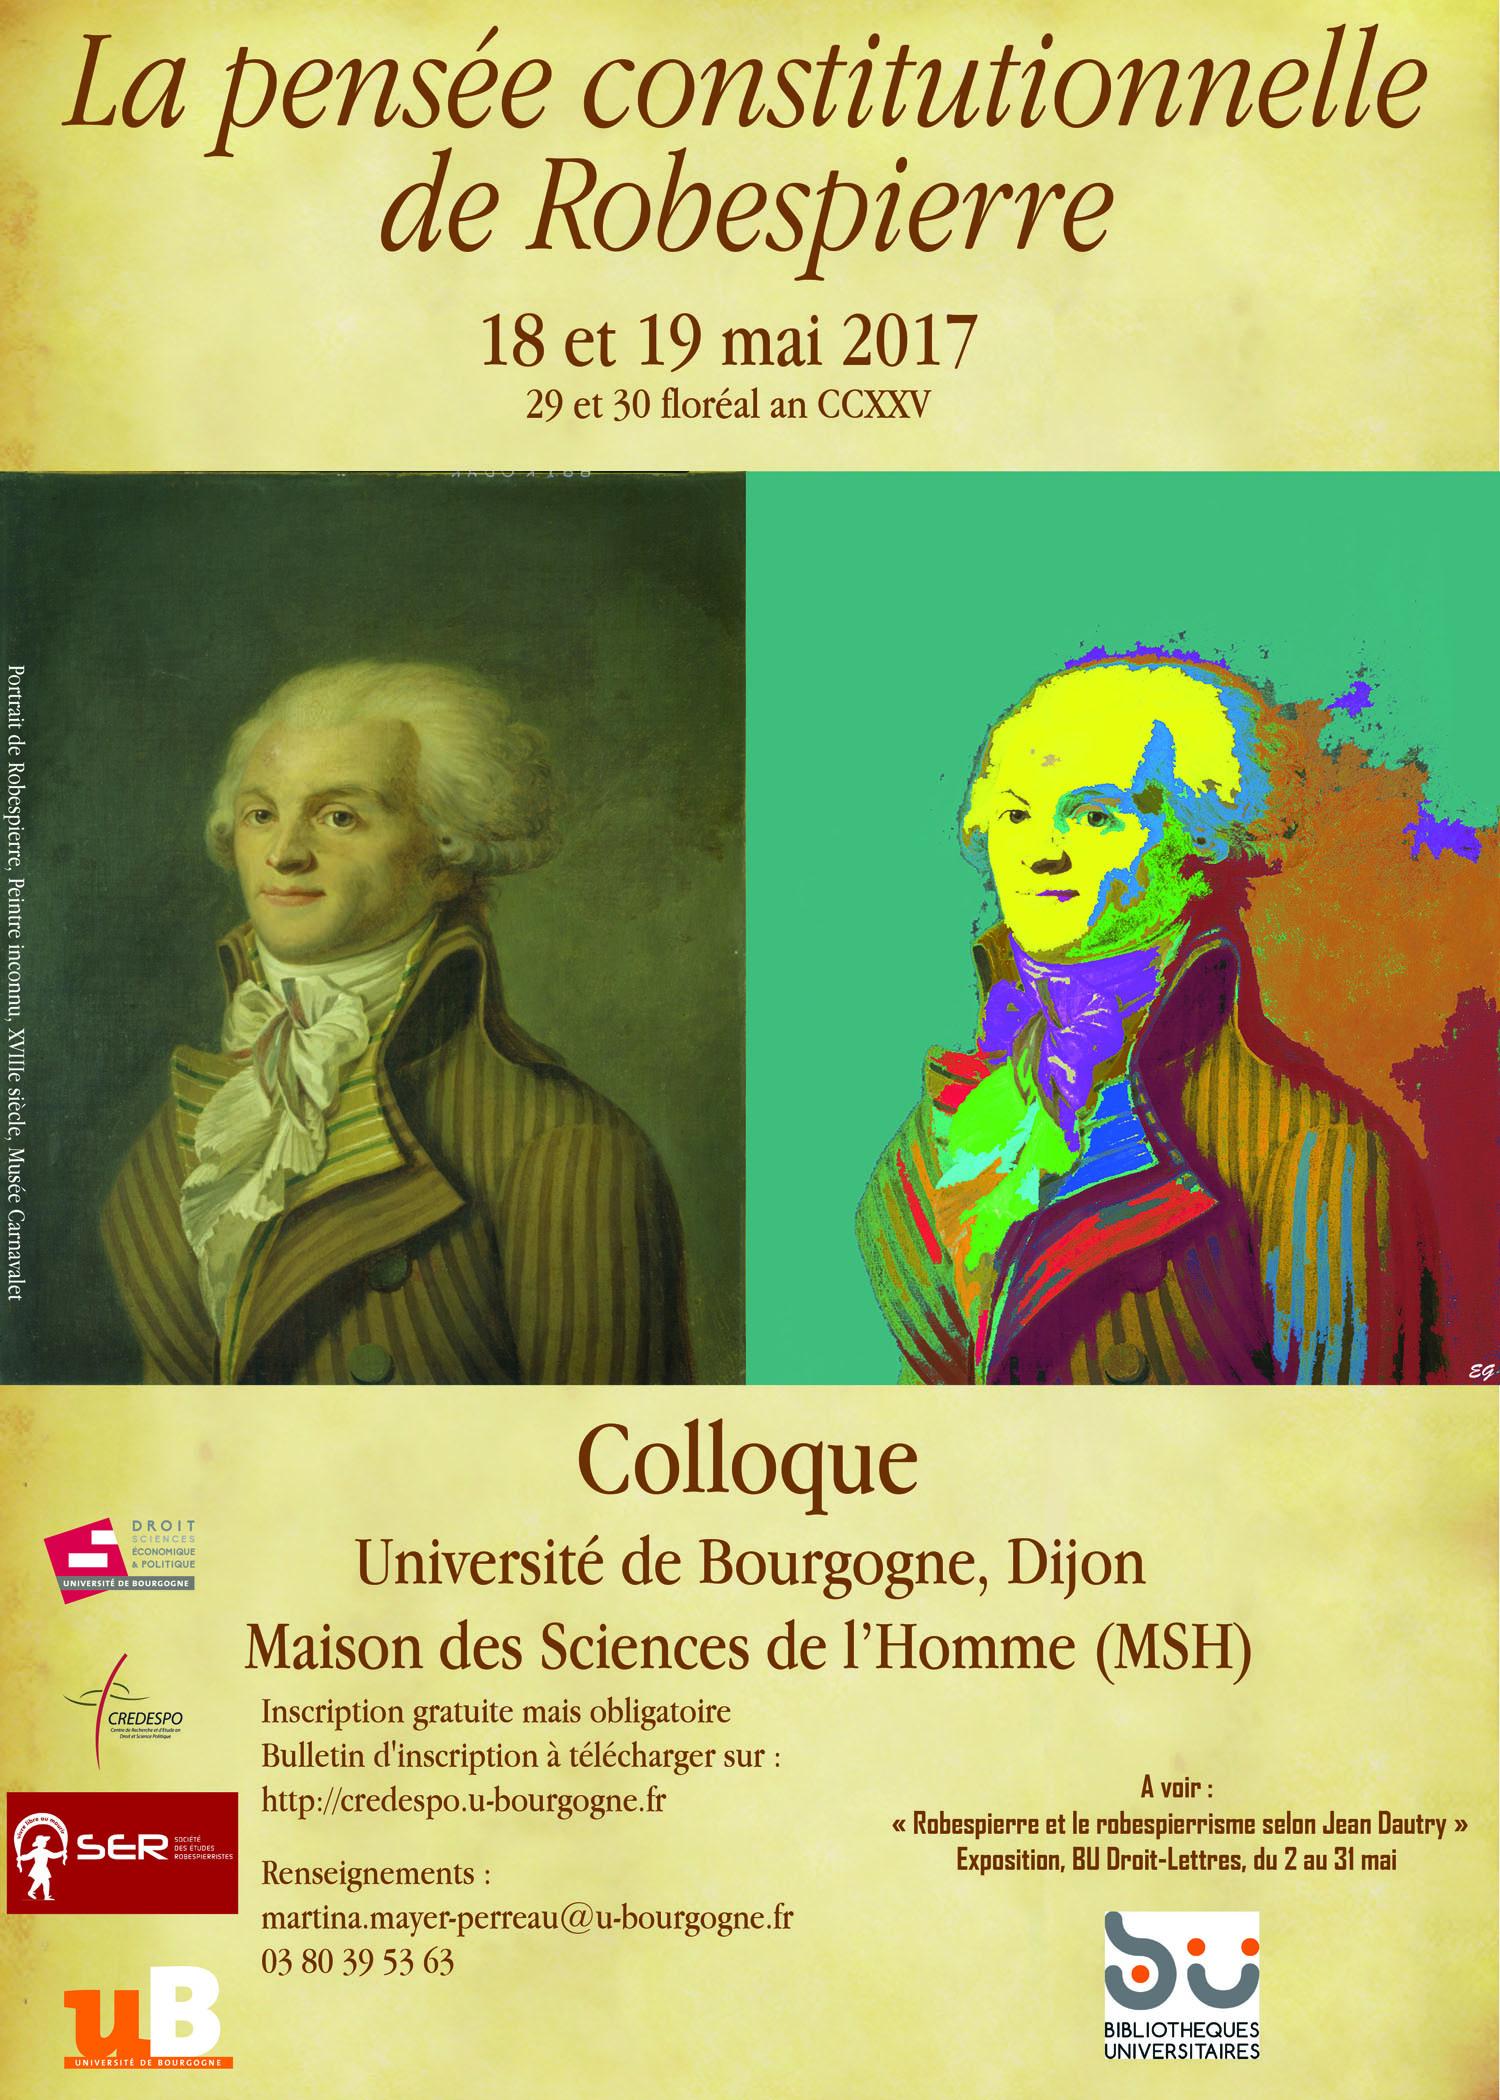 Affiche Robespierre versionfnale eg 27 01 2017taille reduit